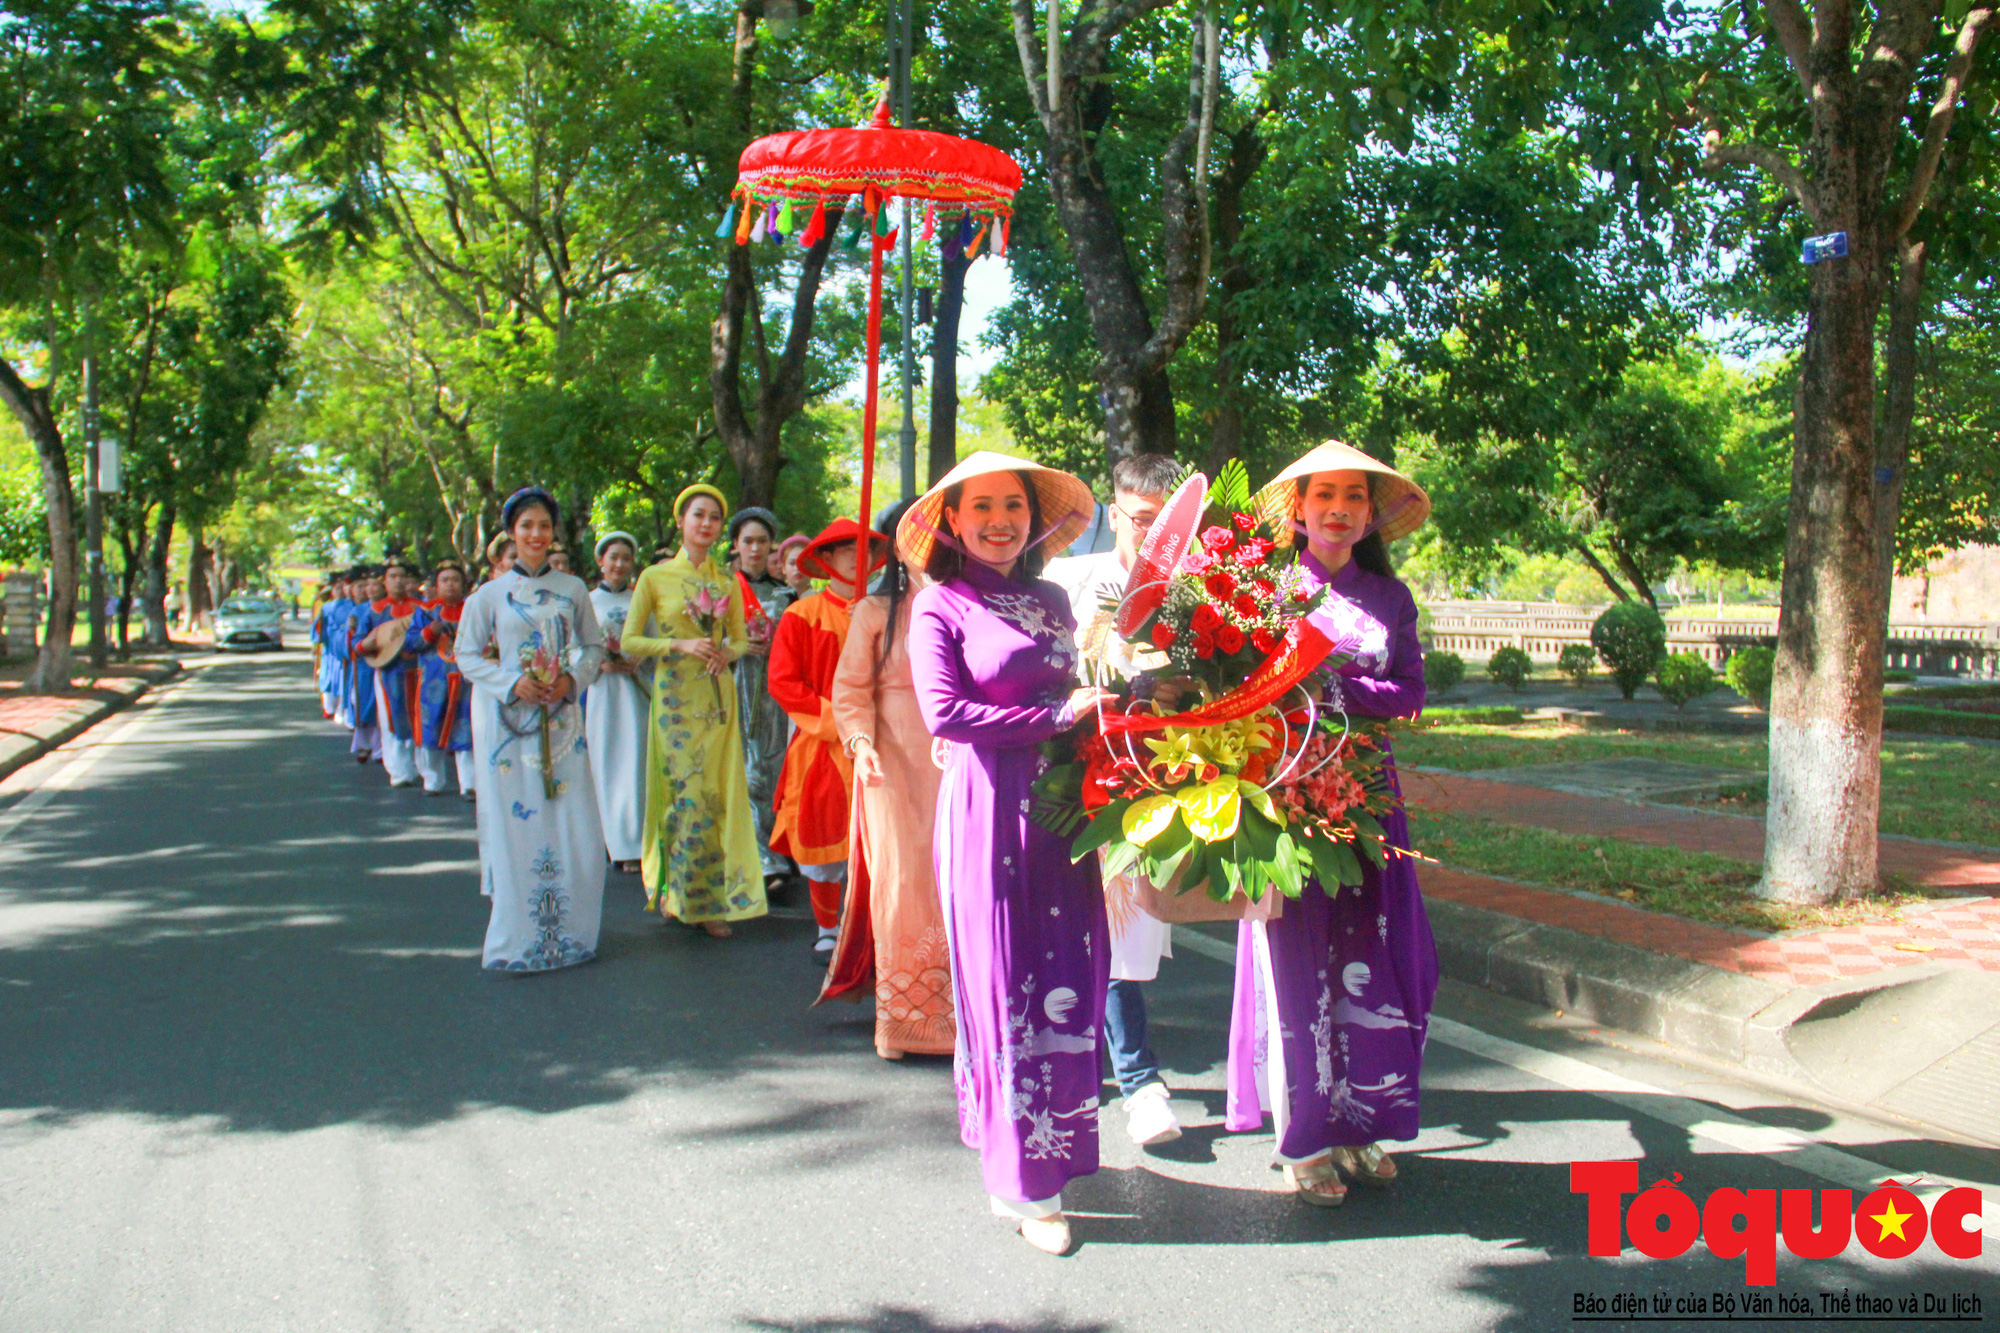 Hàng trăm tà áo dài diễu hành trên phố tri ân chúa Nguyễn Phúc Khoát - Ảnh 3.